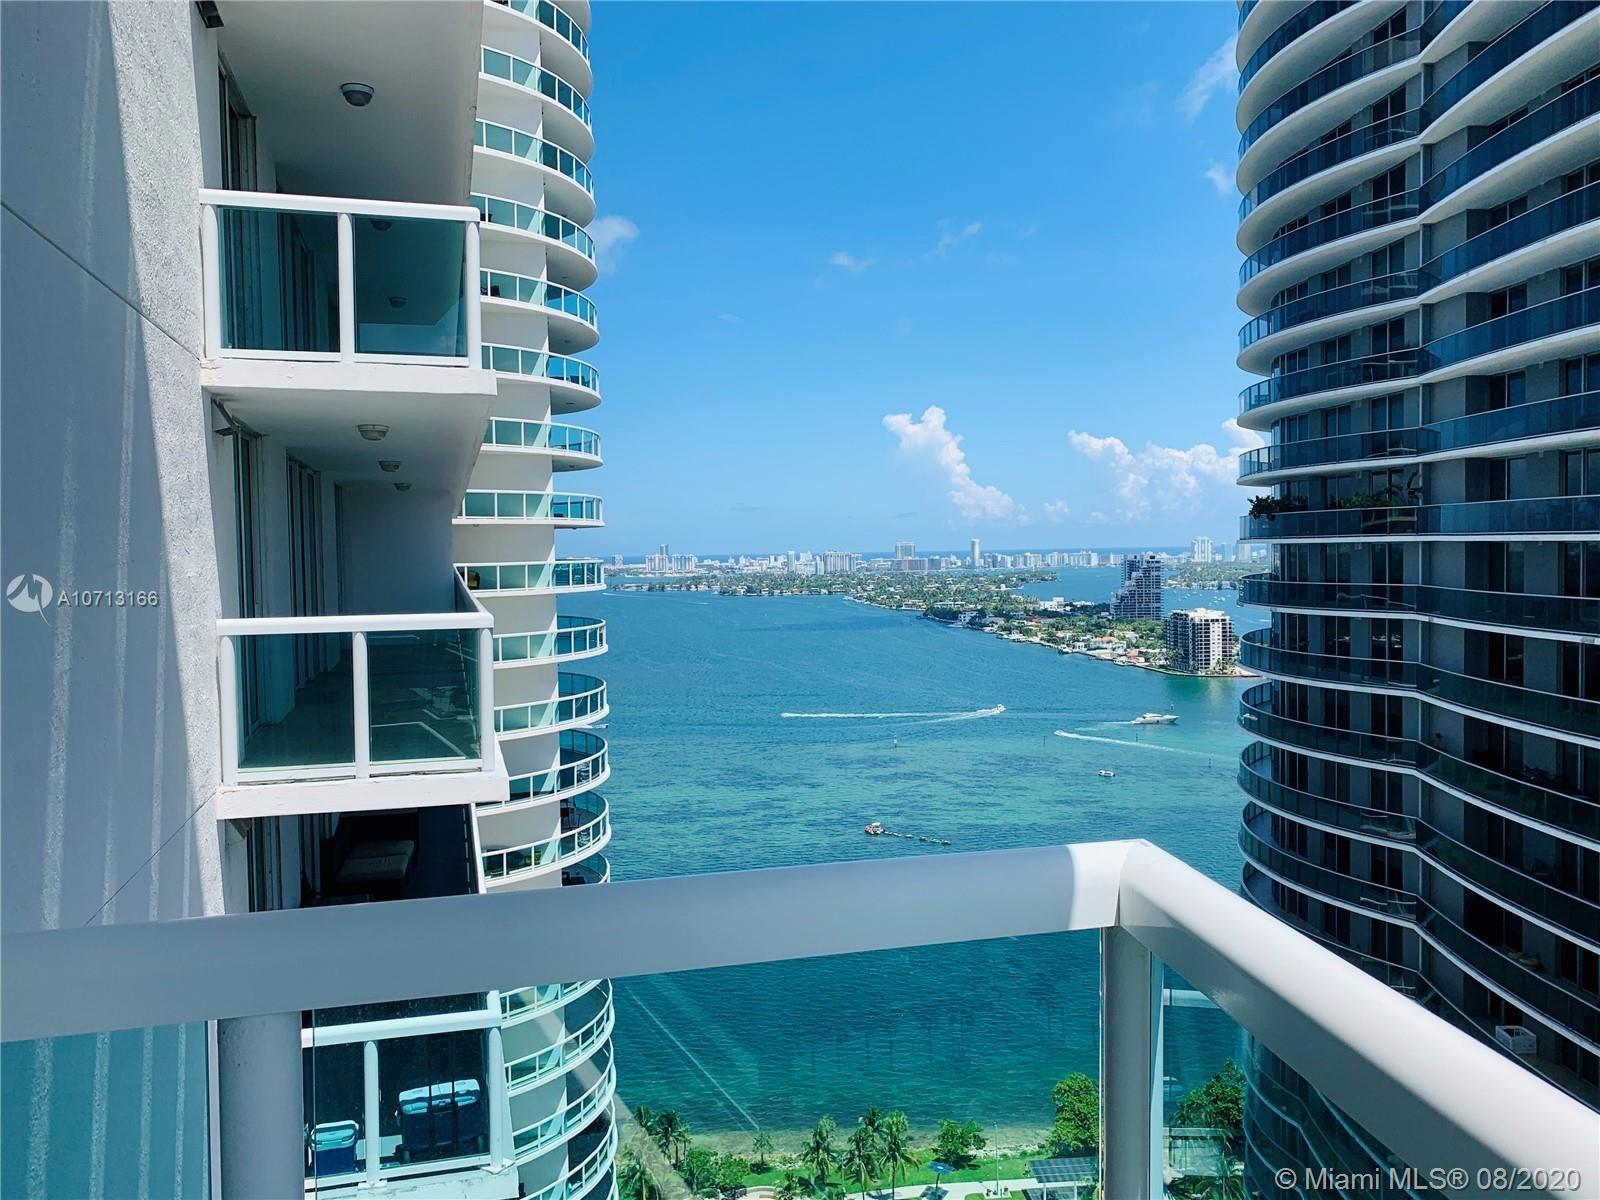 1800 N Bayshore Dr #3215, Miami, FL 33132 - #: A10713166